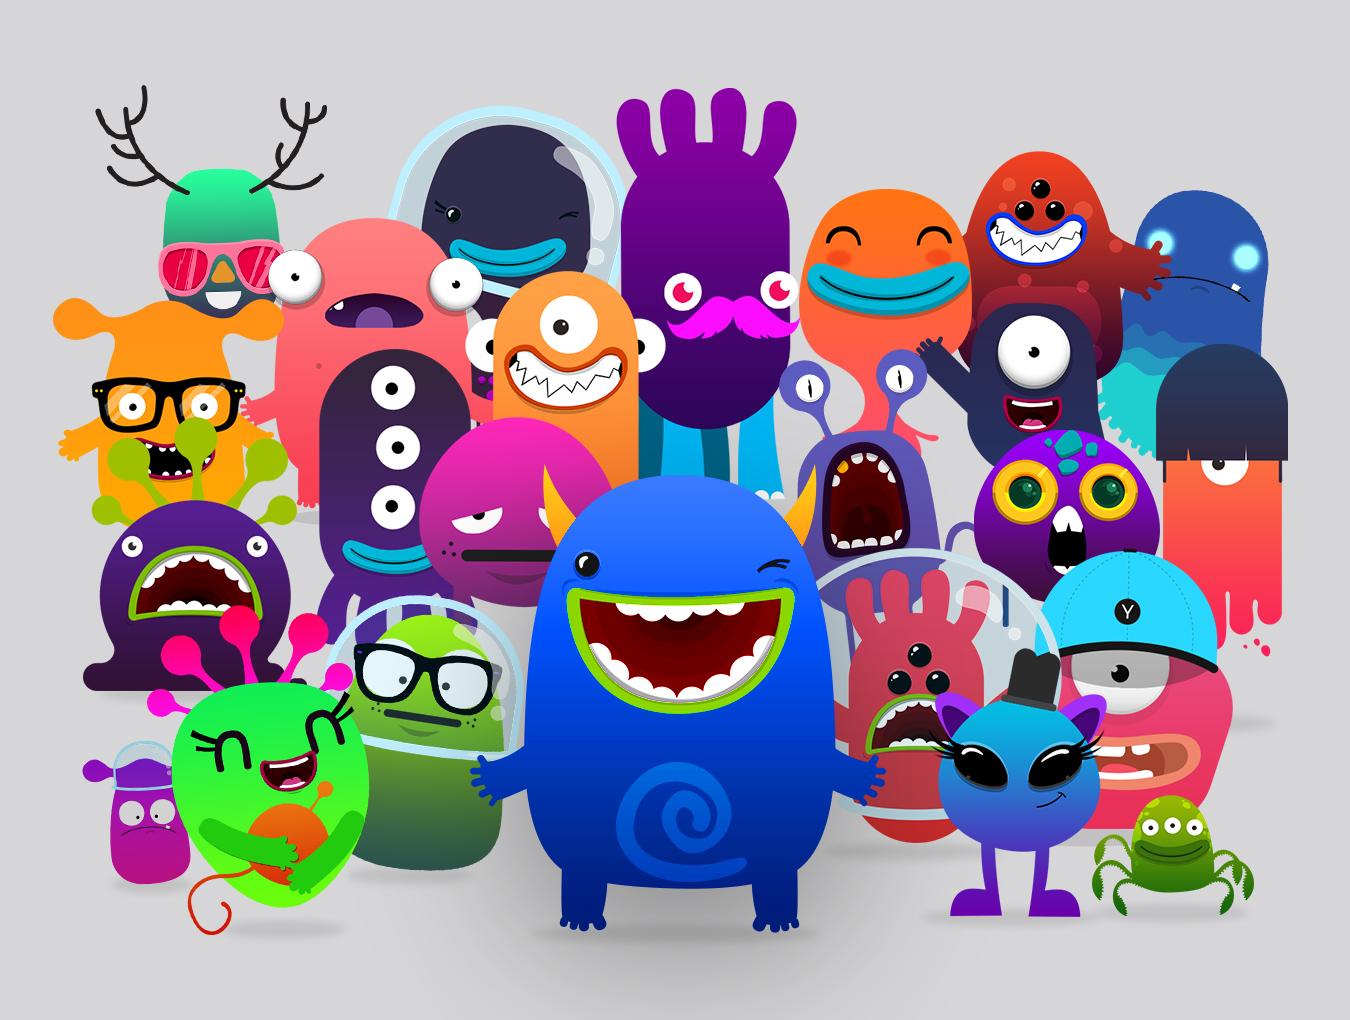 دانلود کاراکتر Monster Studio Pro